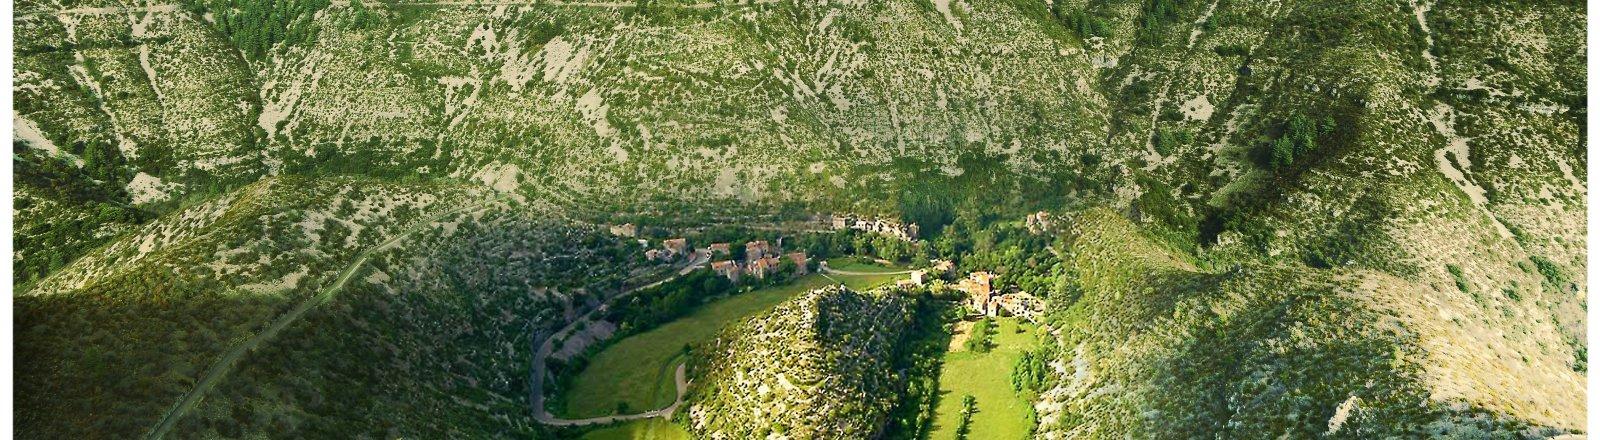 Grand Site de France Cirque de Navacelles © Olivier Diaz de Zarate